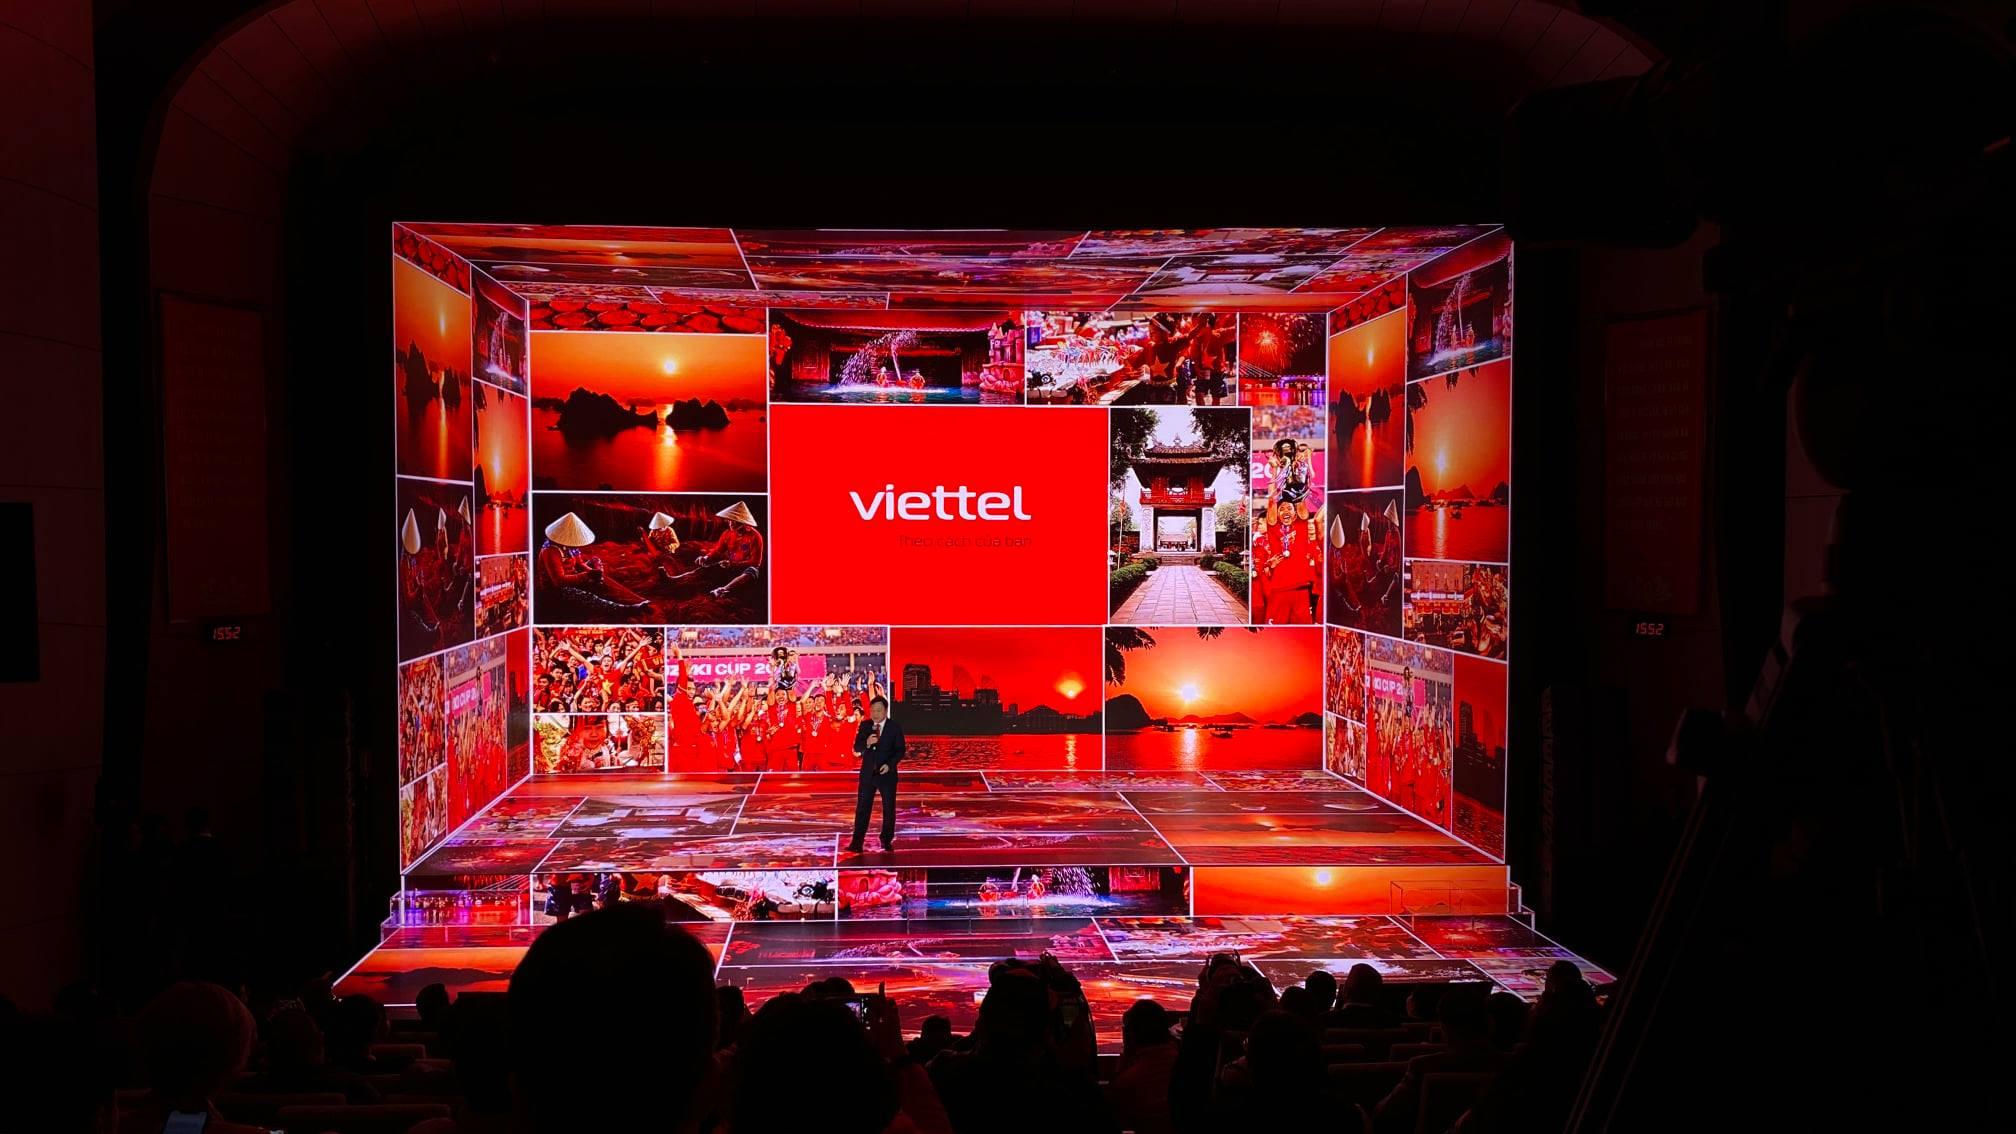 Công nghệ trình chiếu xR/ 5D của Disguise được sử dụng trong lễ ra mắt bộ nhận diện thương hiệu mới của Viettel